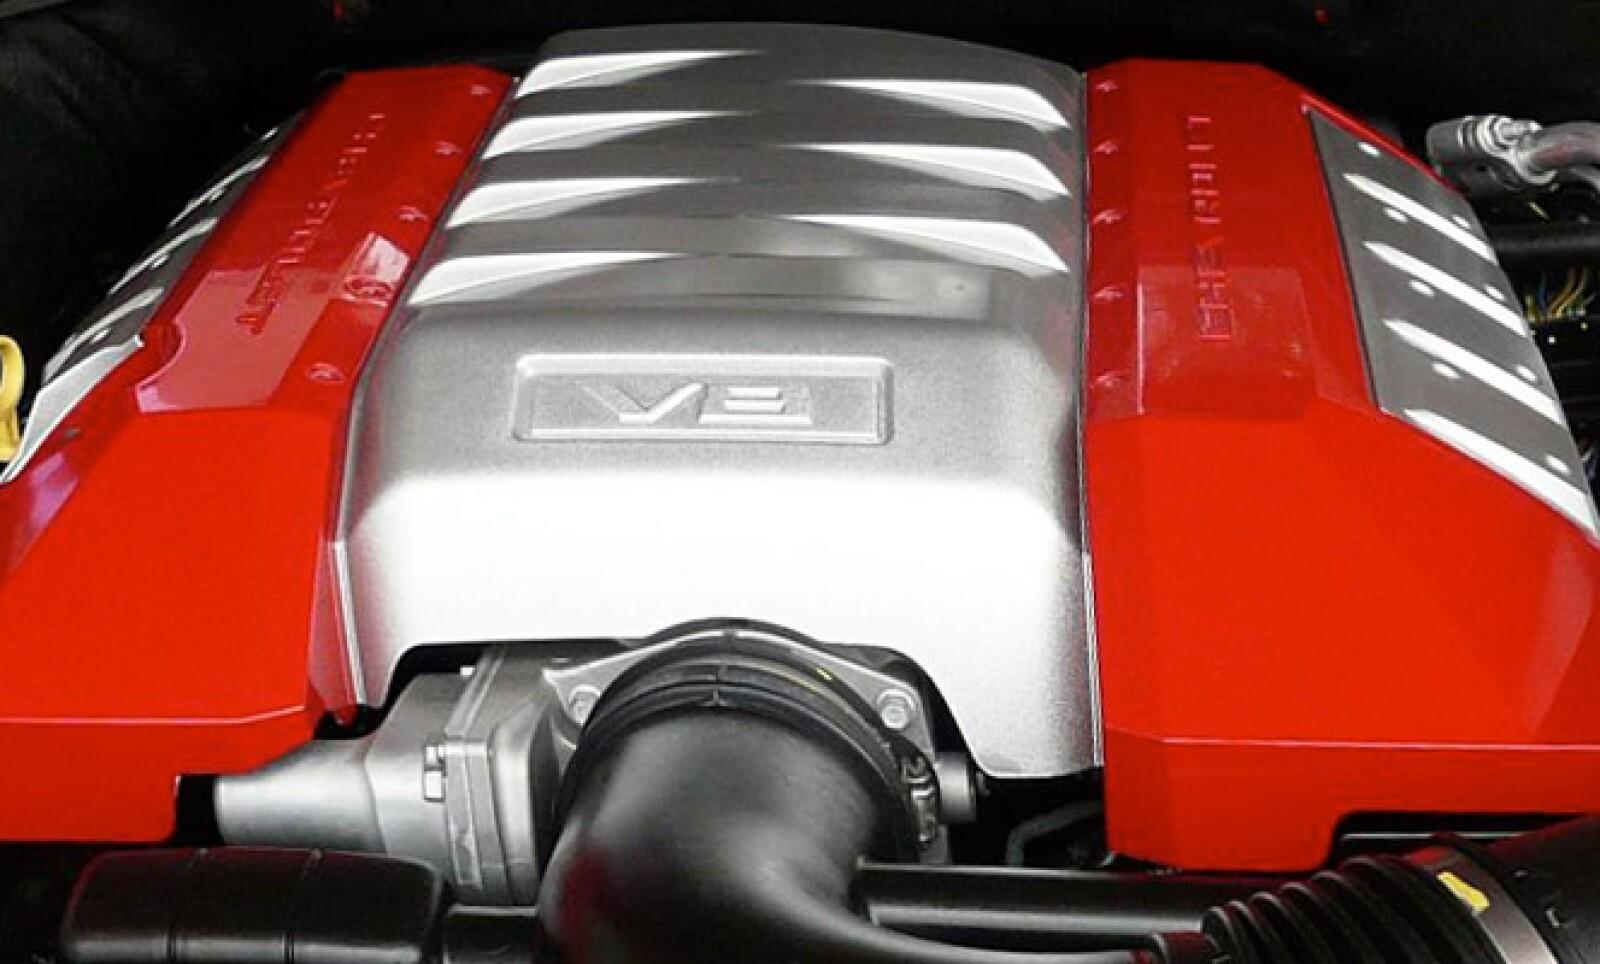 potente motor 6.2 L  de 8 cilindros y 400 HP